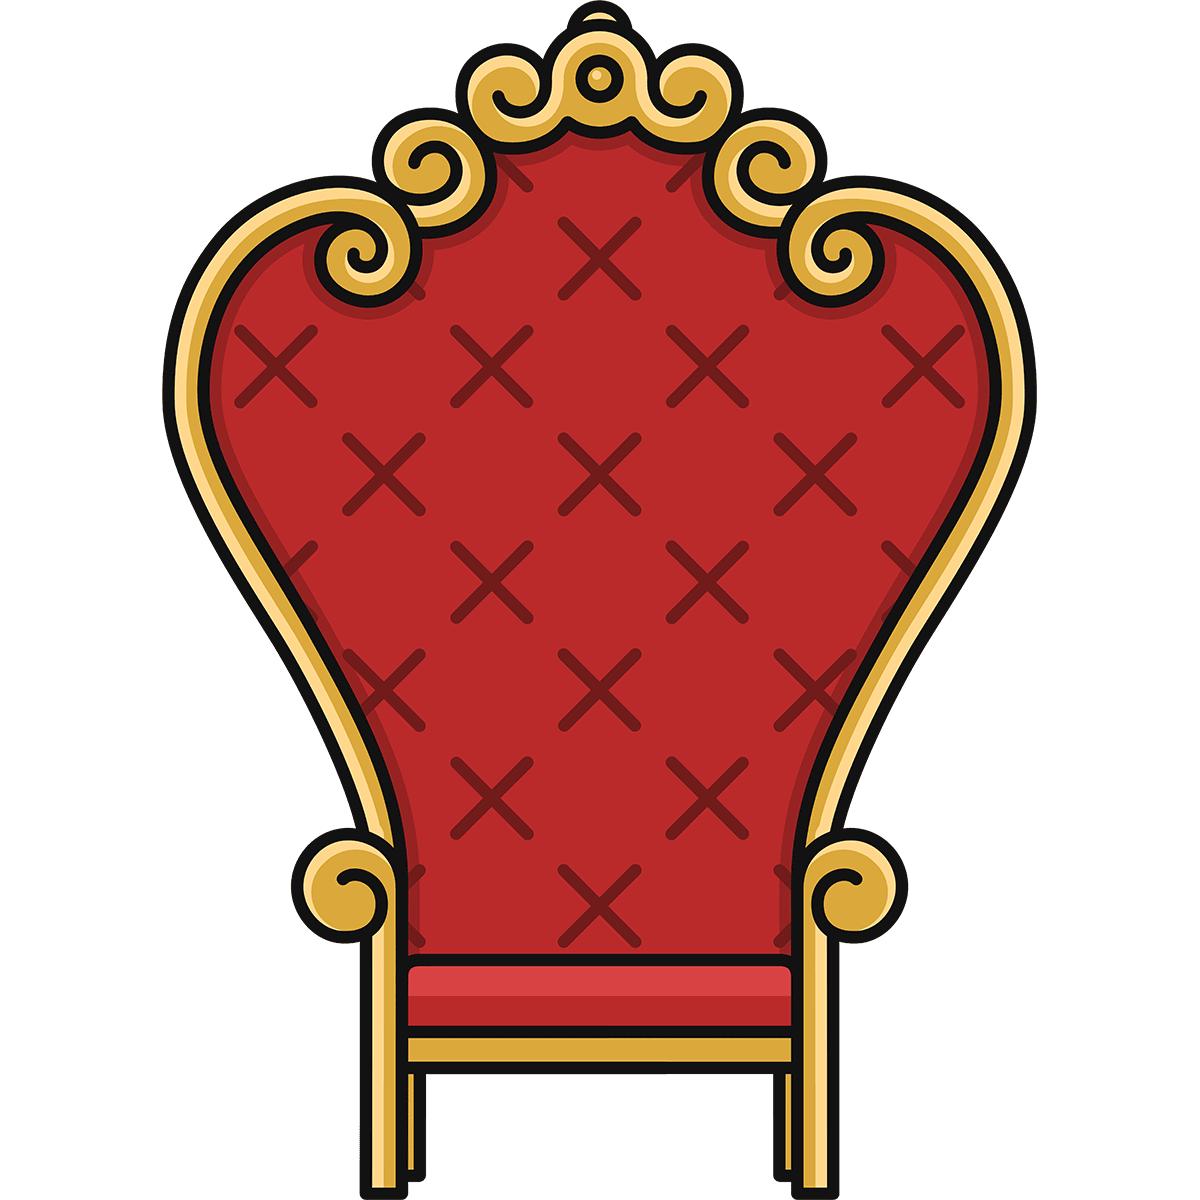 王様の椅子の無料イラスト